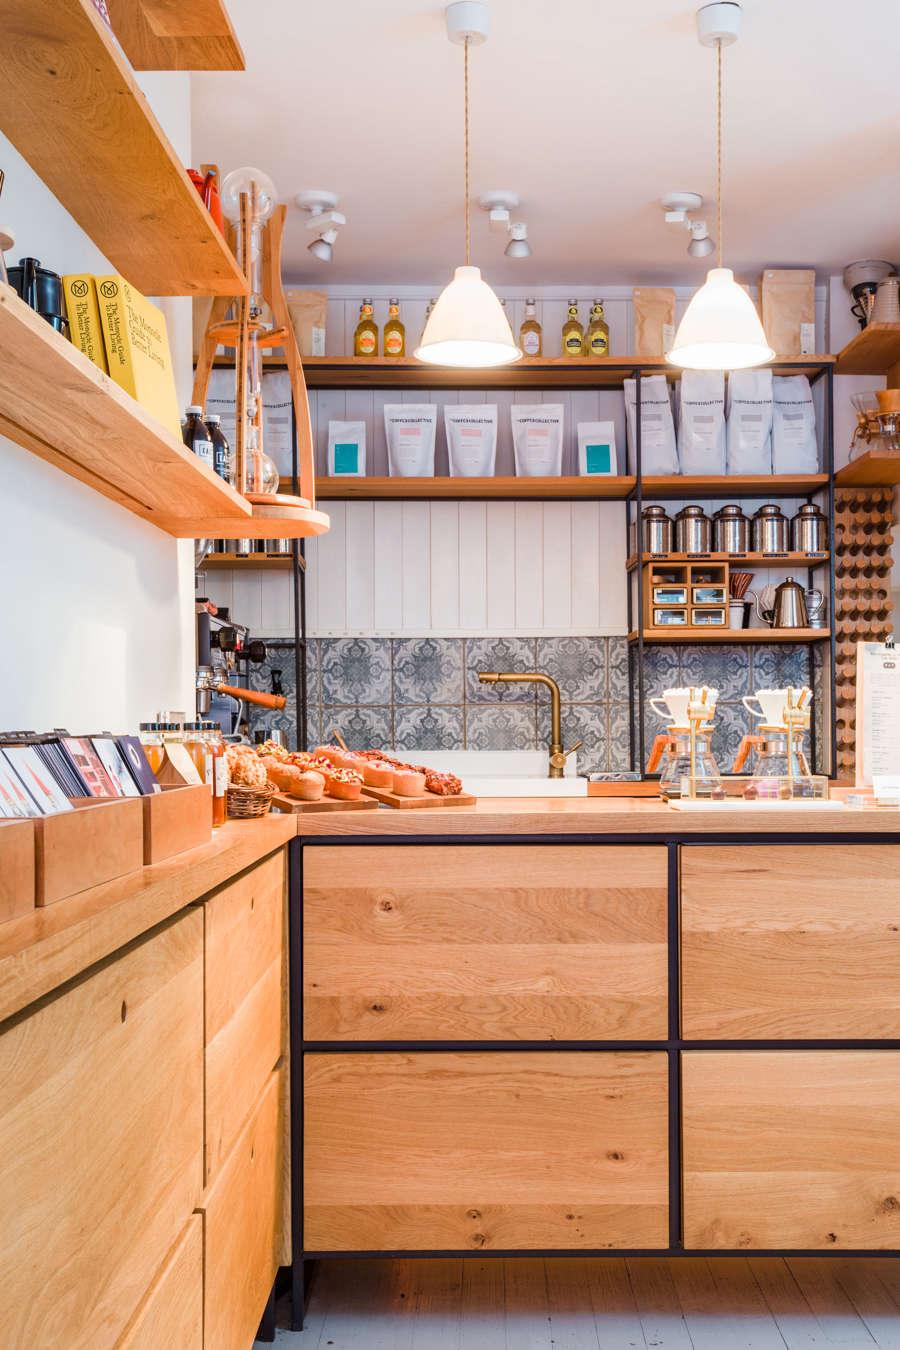 coffeewerk + press cafe 9